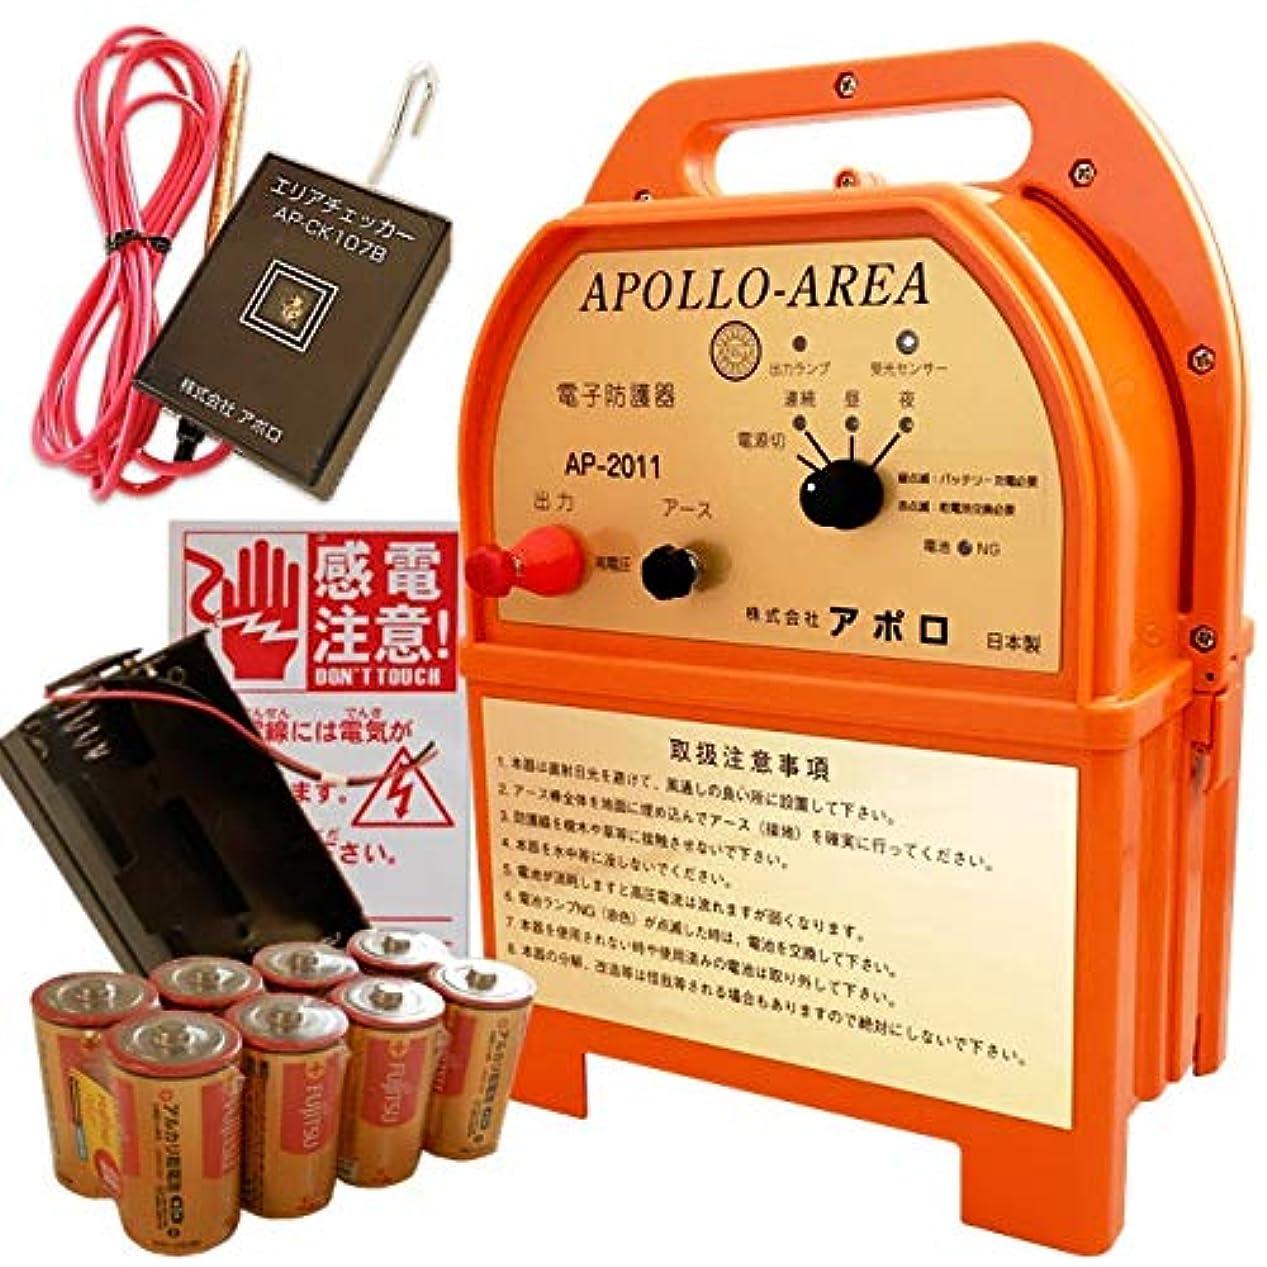 願うディベート想像力豊かなアポロ AP-2011電気柵 検電器付き 日本製 3000m対応 電子防護器